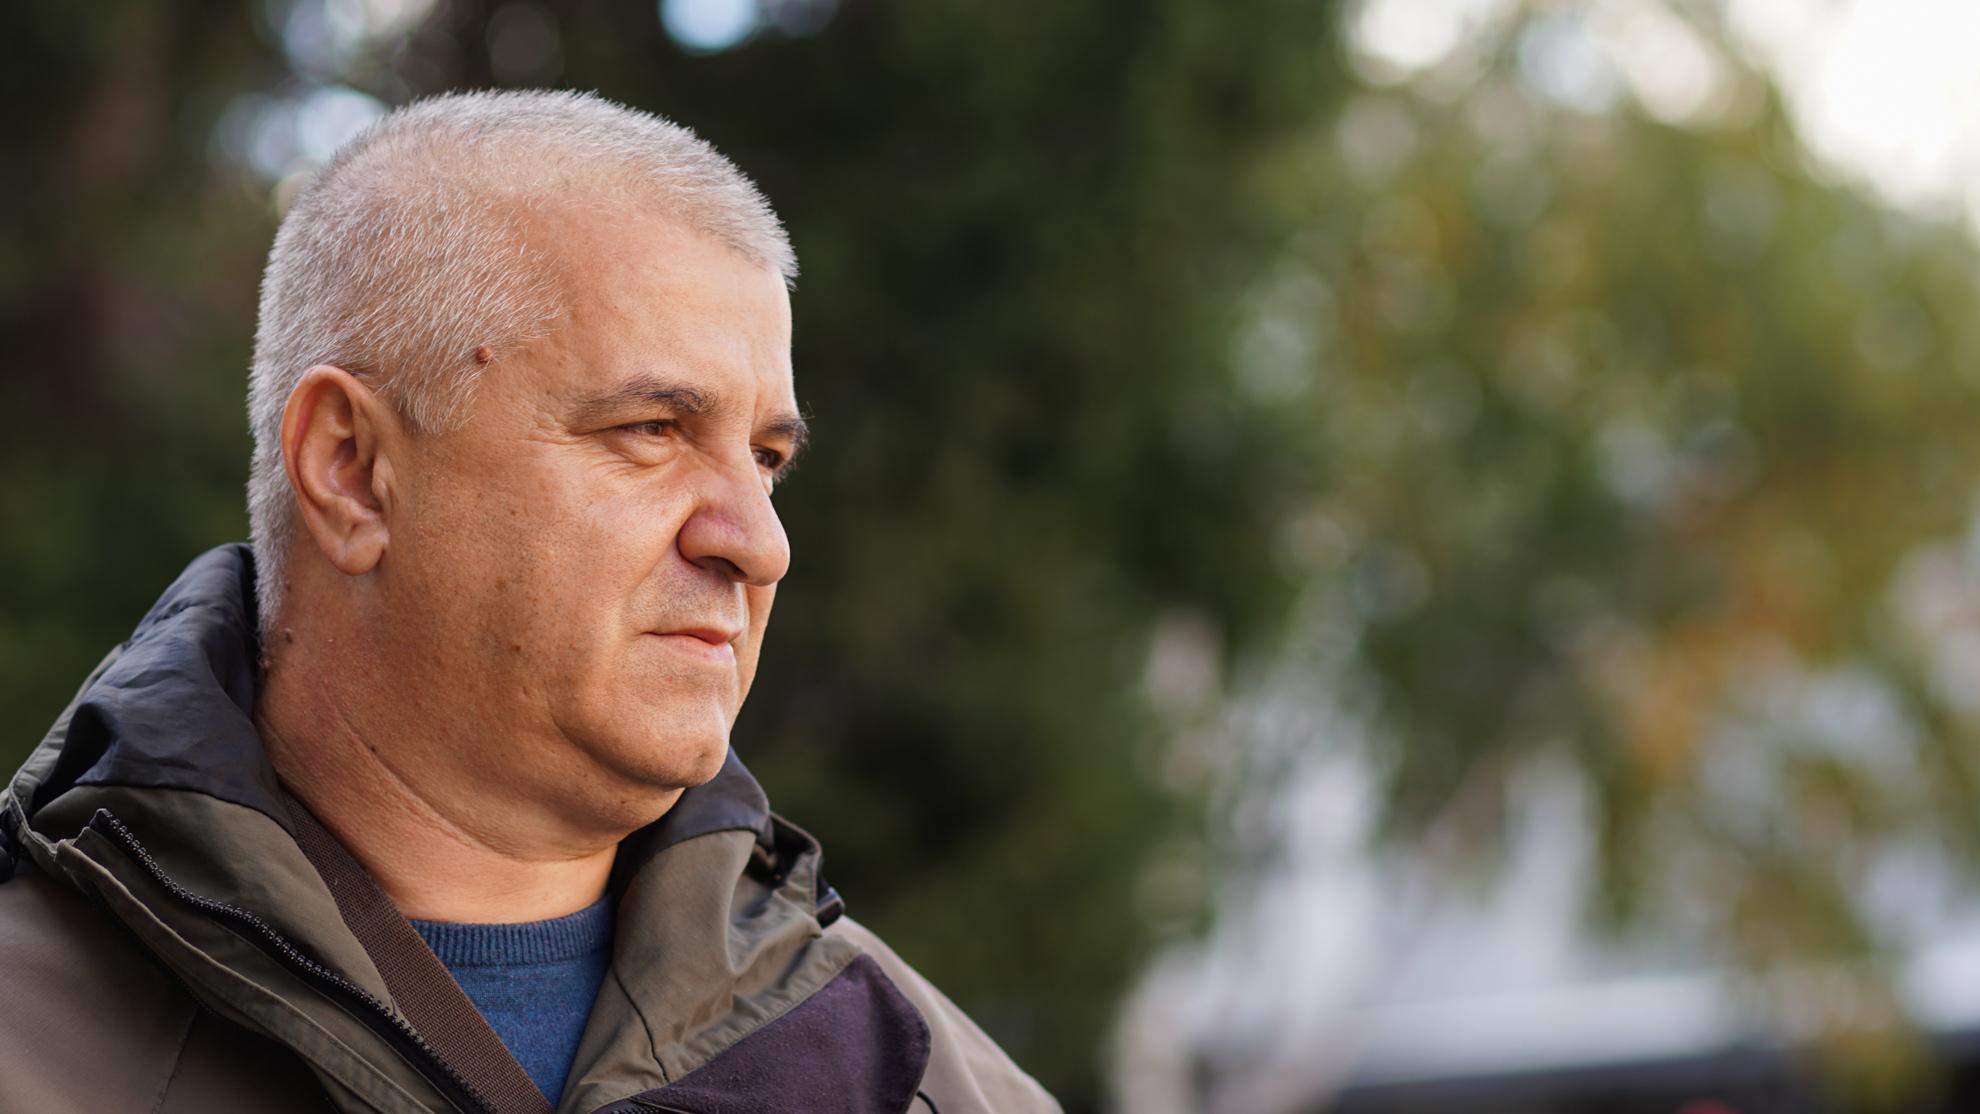 Indir Melić, predsjednik Sportoskoribolovnog društva Travnik